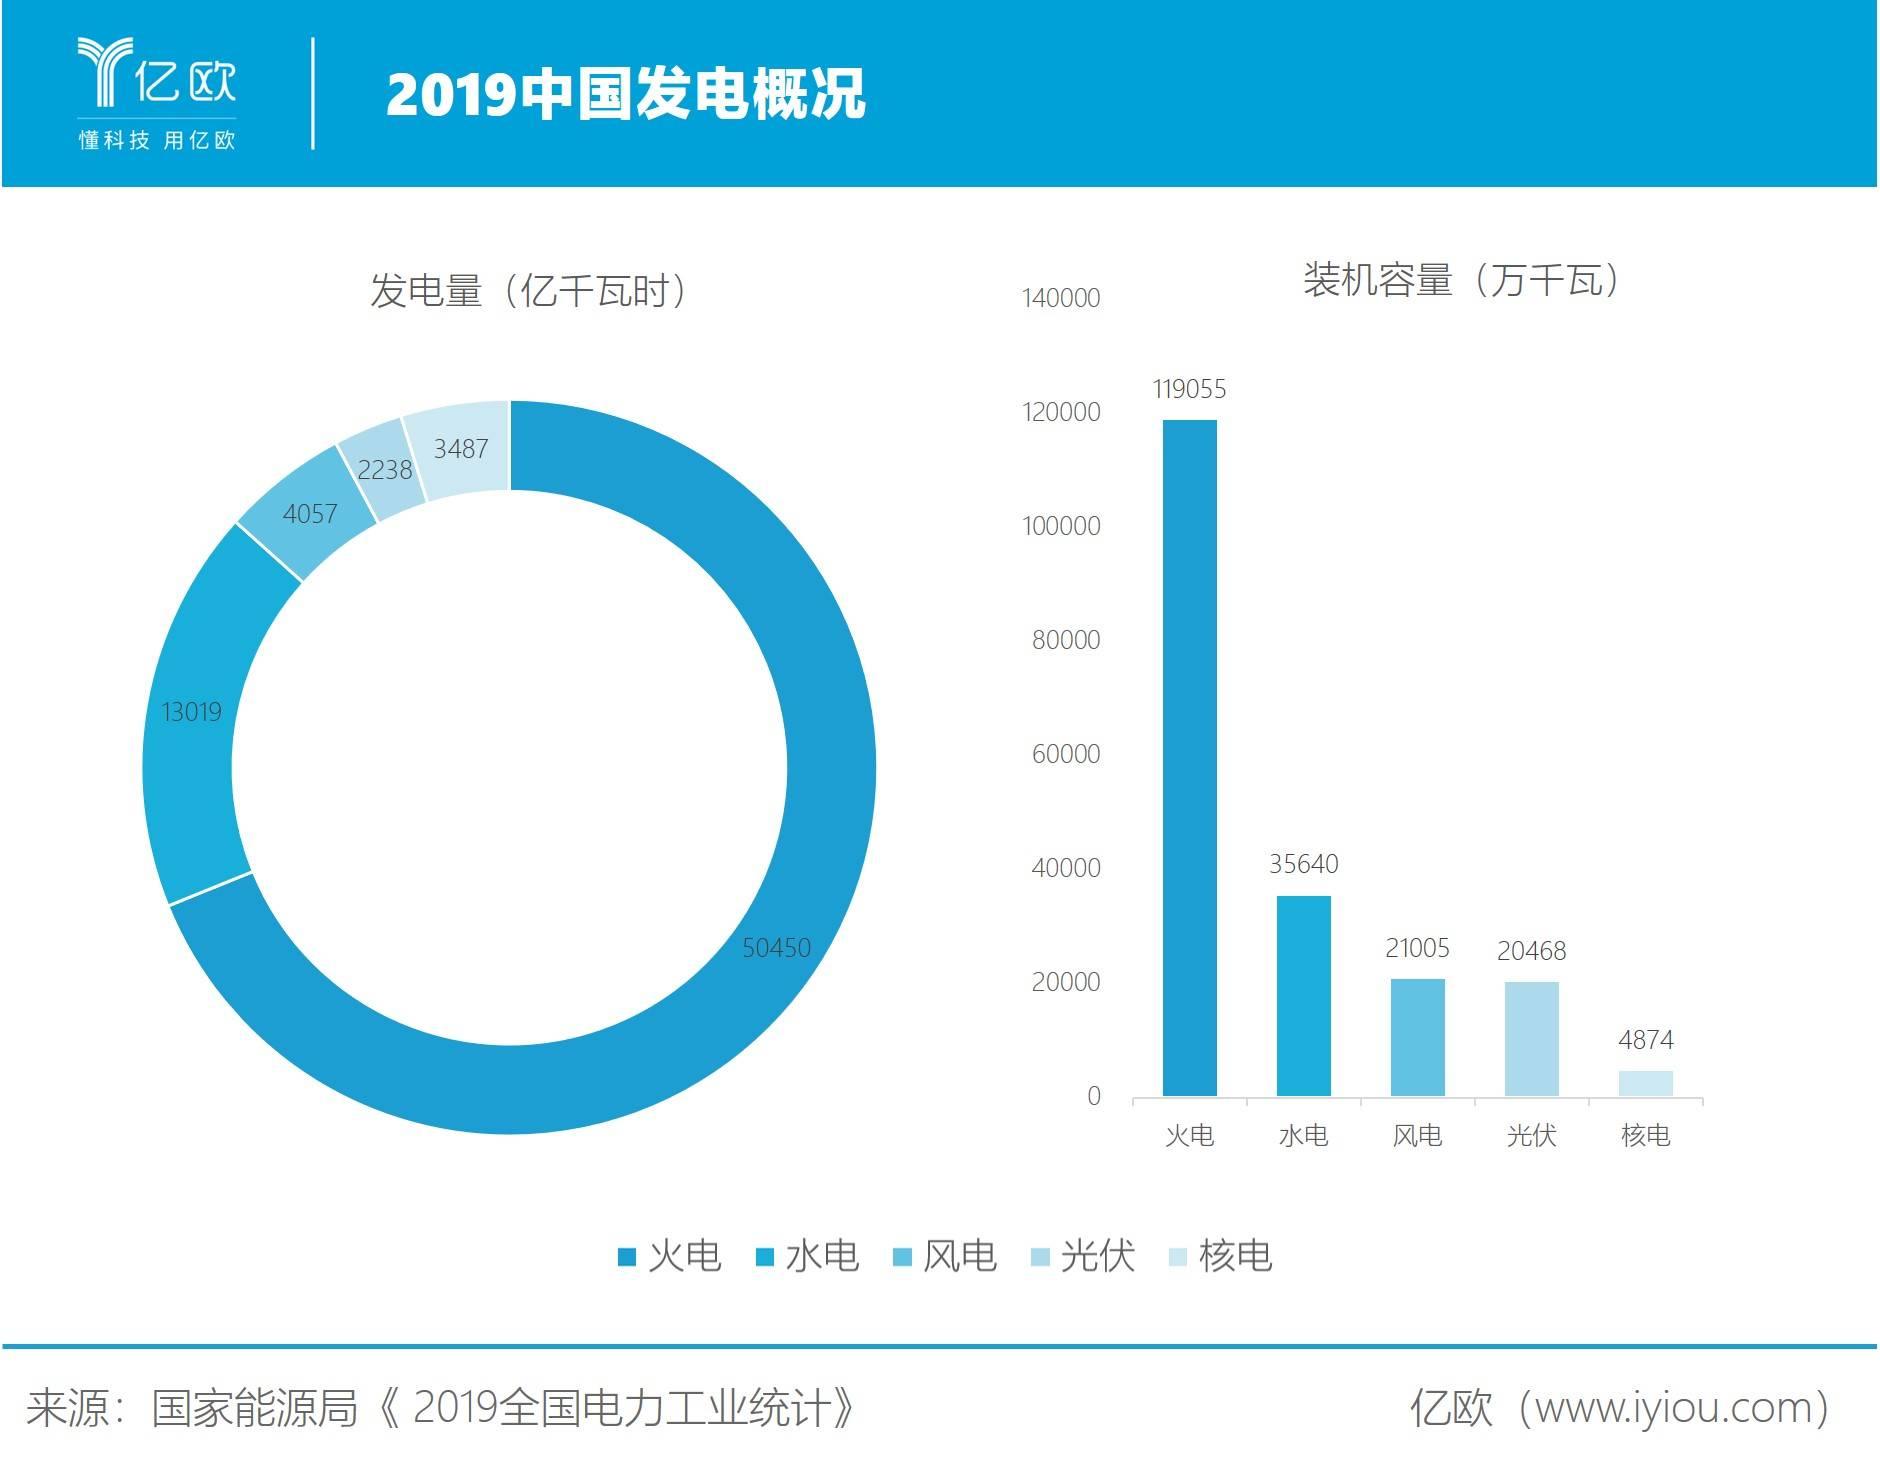 2019中国发电概况